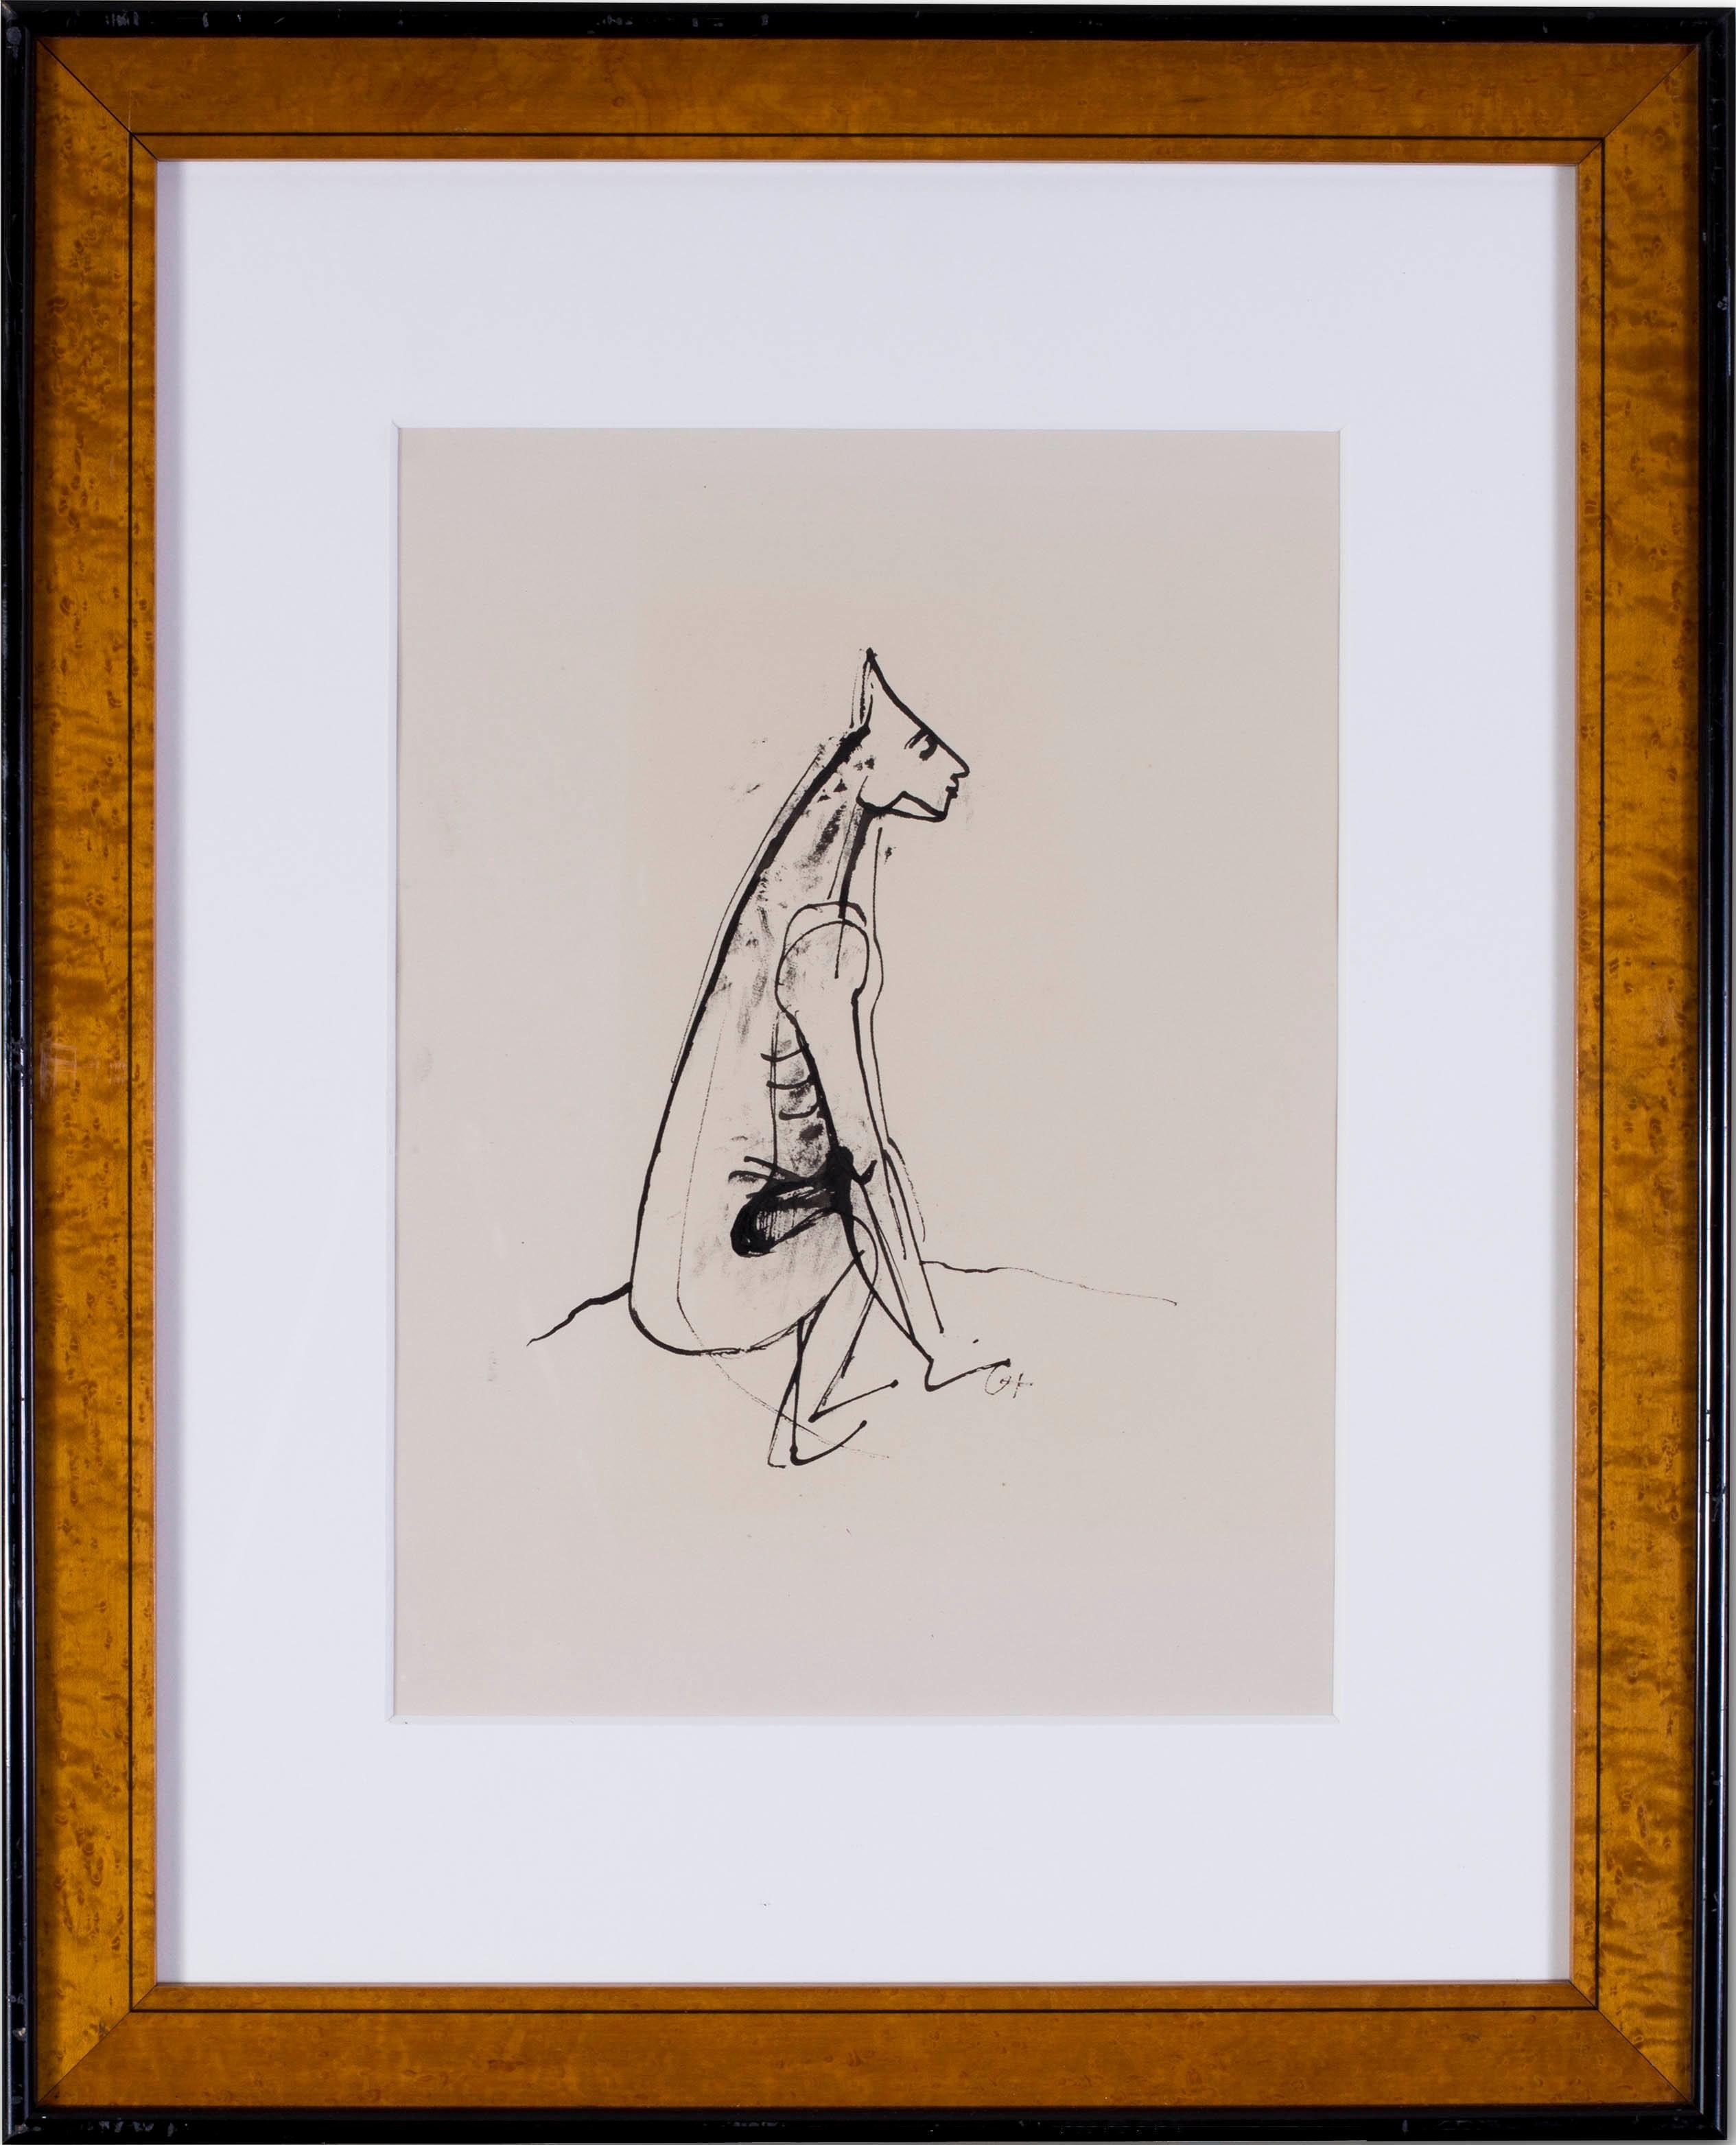 German Expressionist drawing of a half man, half dog by Carl Hofer